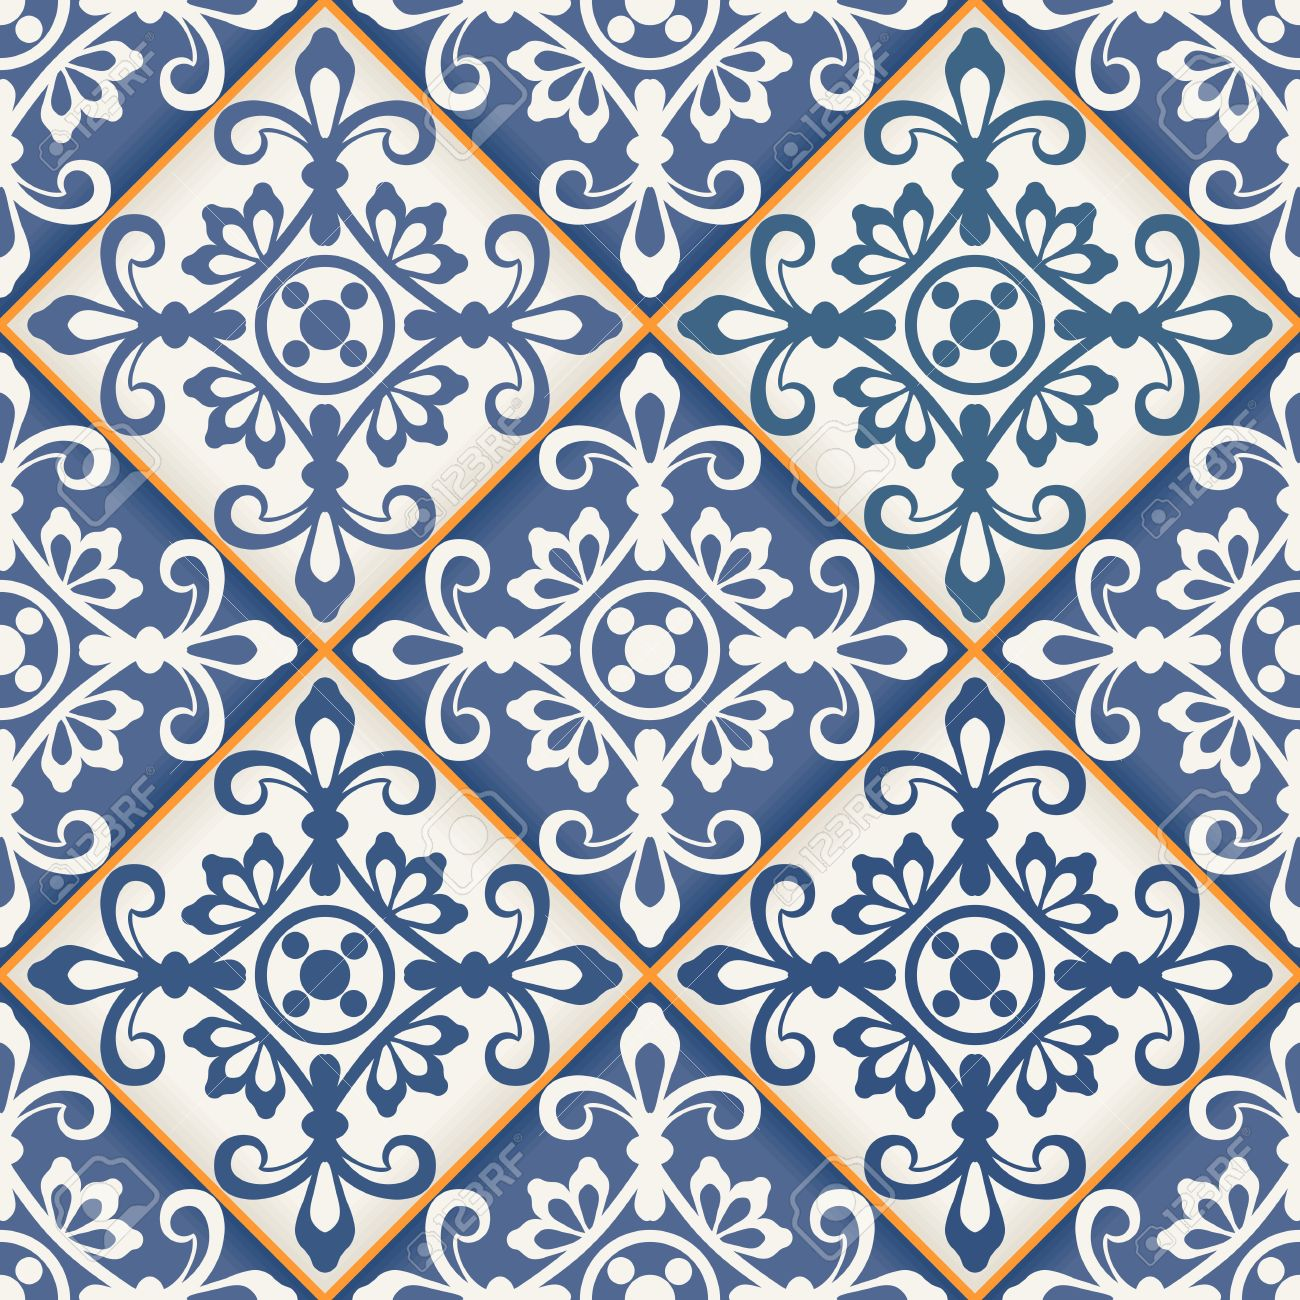 濃い青と白のモロッコ タイルから豪華なシームレスなパッチワーク パターンのオーナメントします Web ページの背景テクスチャ パターンの塗りつぶしの壁紙に使用できます のイラスト素材 ベクタ Image